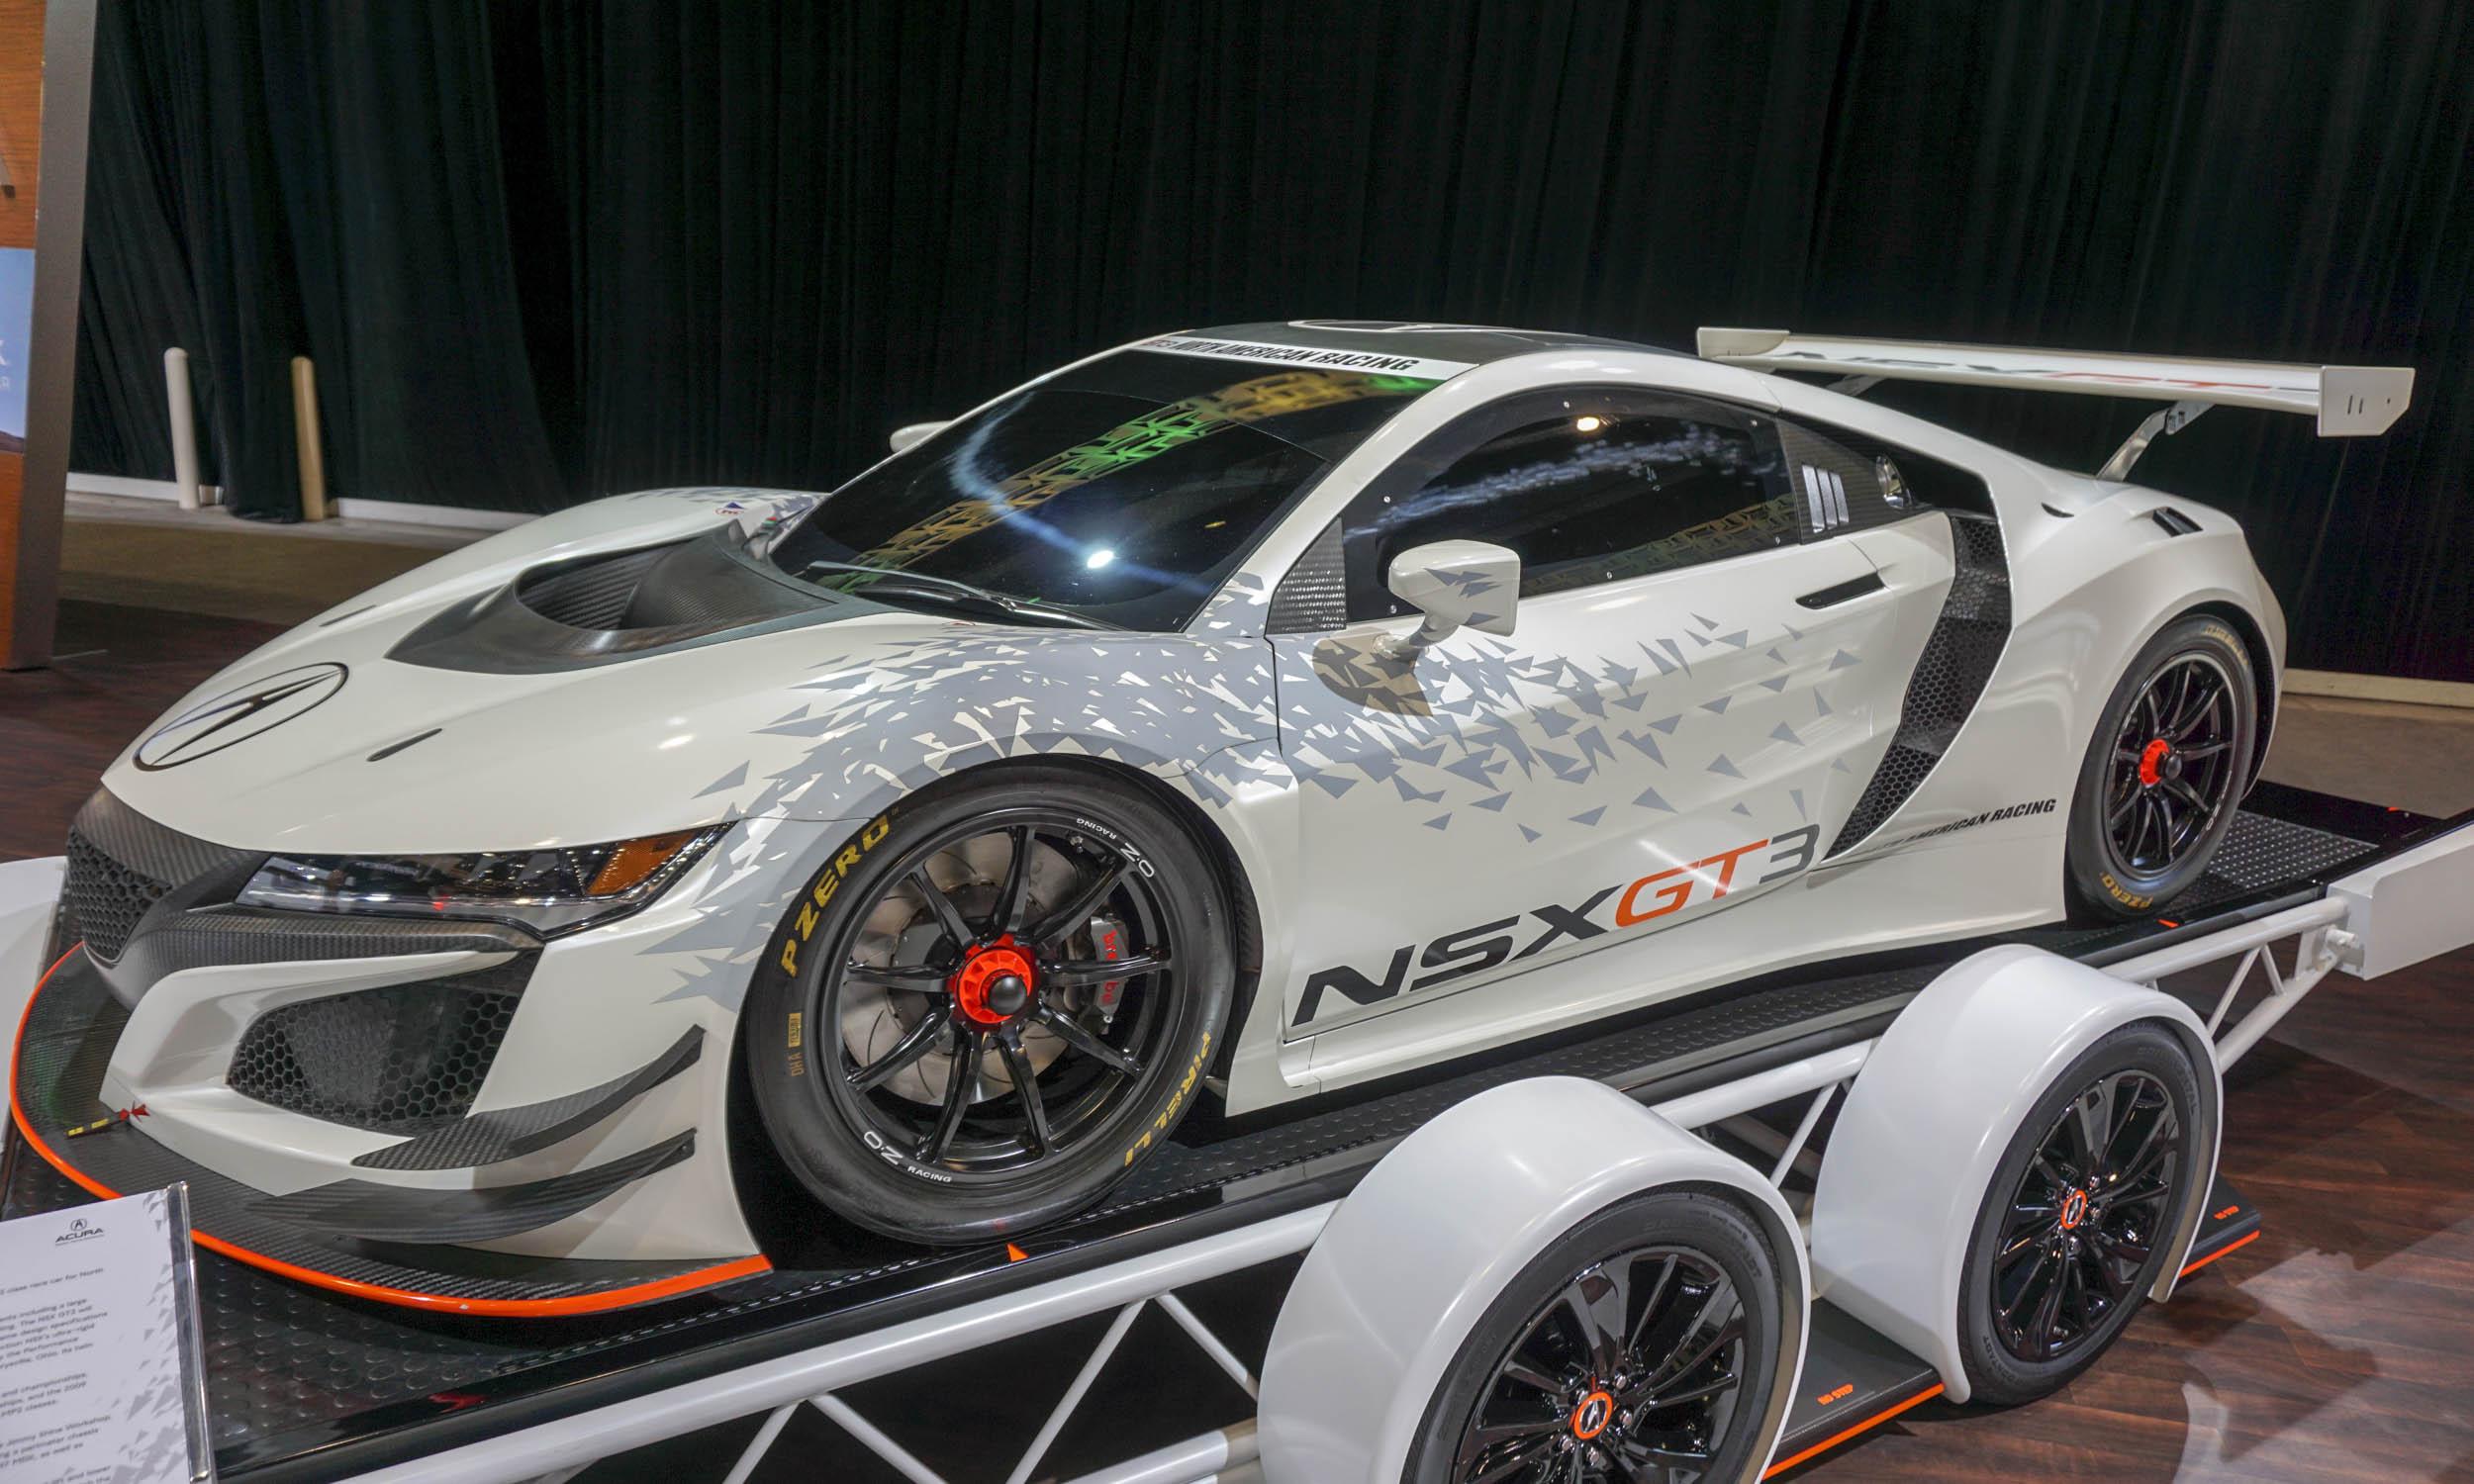 Acura Integra Gsr Wiring Harness Schematics Data Diagrams Nsx Bar Mustang Elsavadorla Slammed Engine